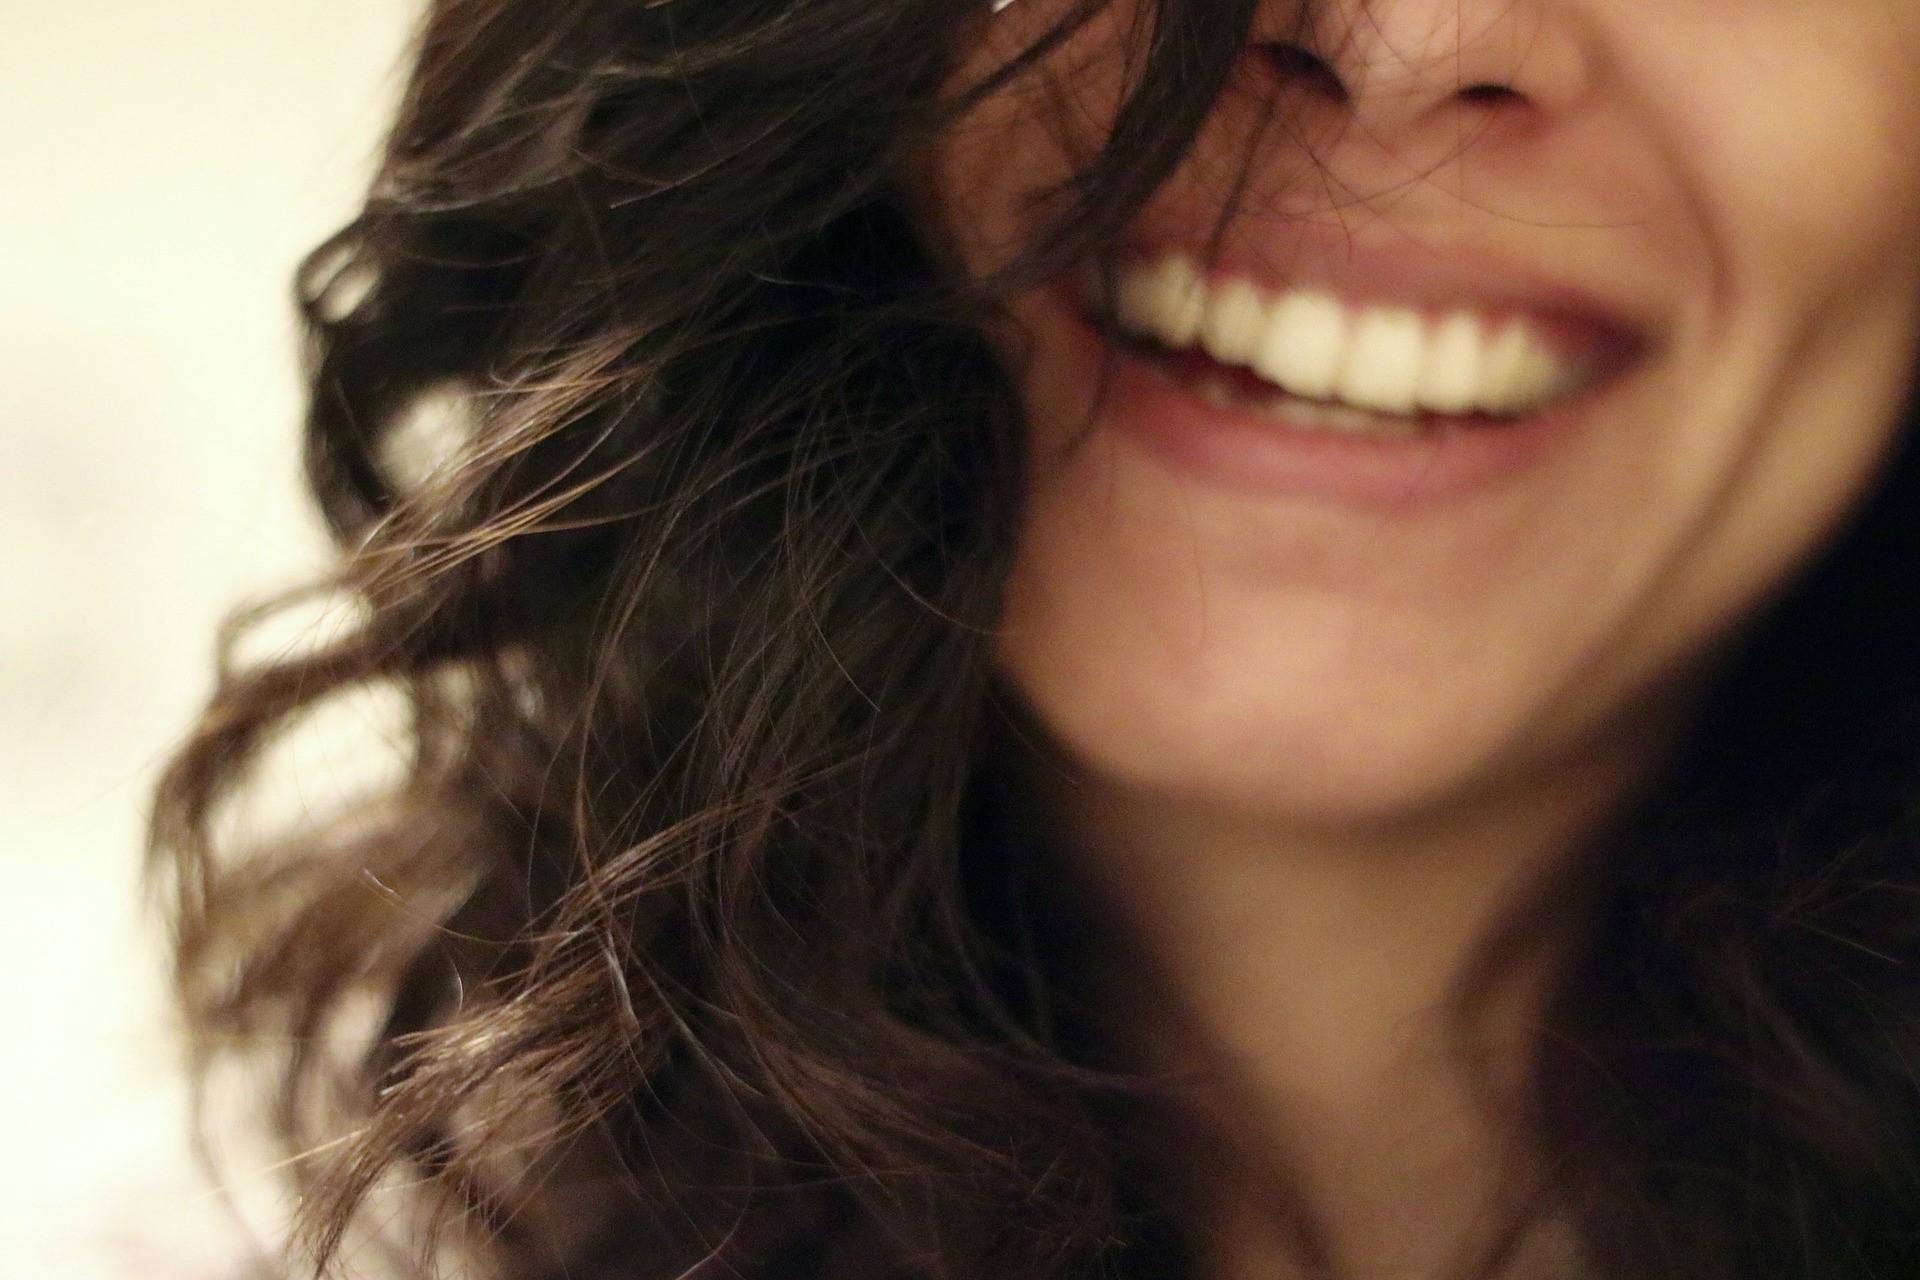 女性の笑顔画像